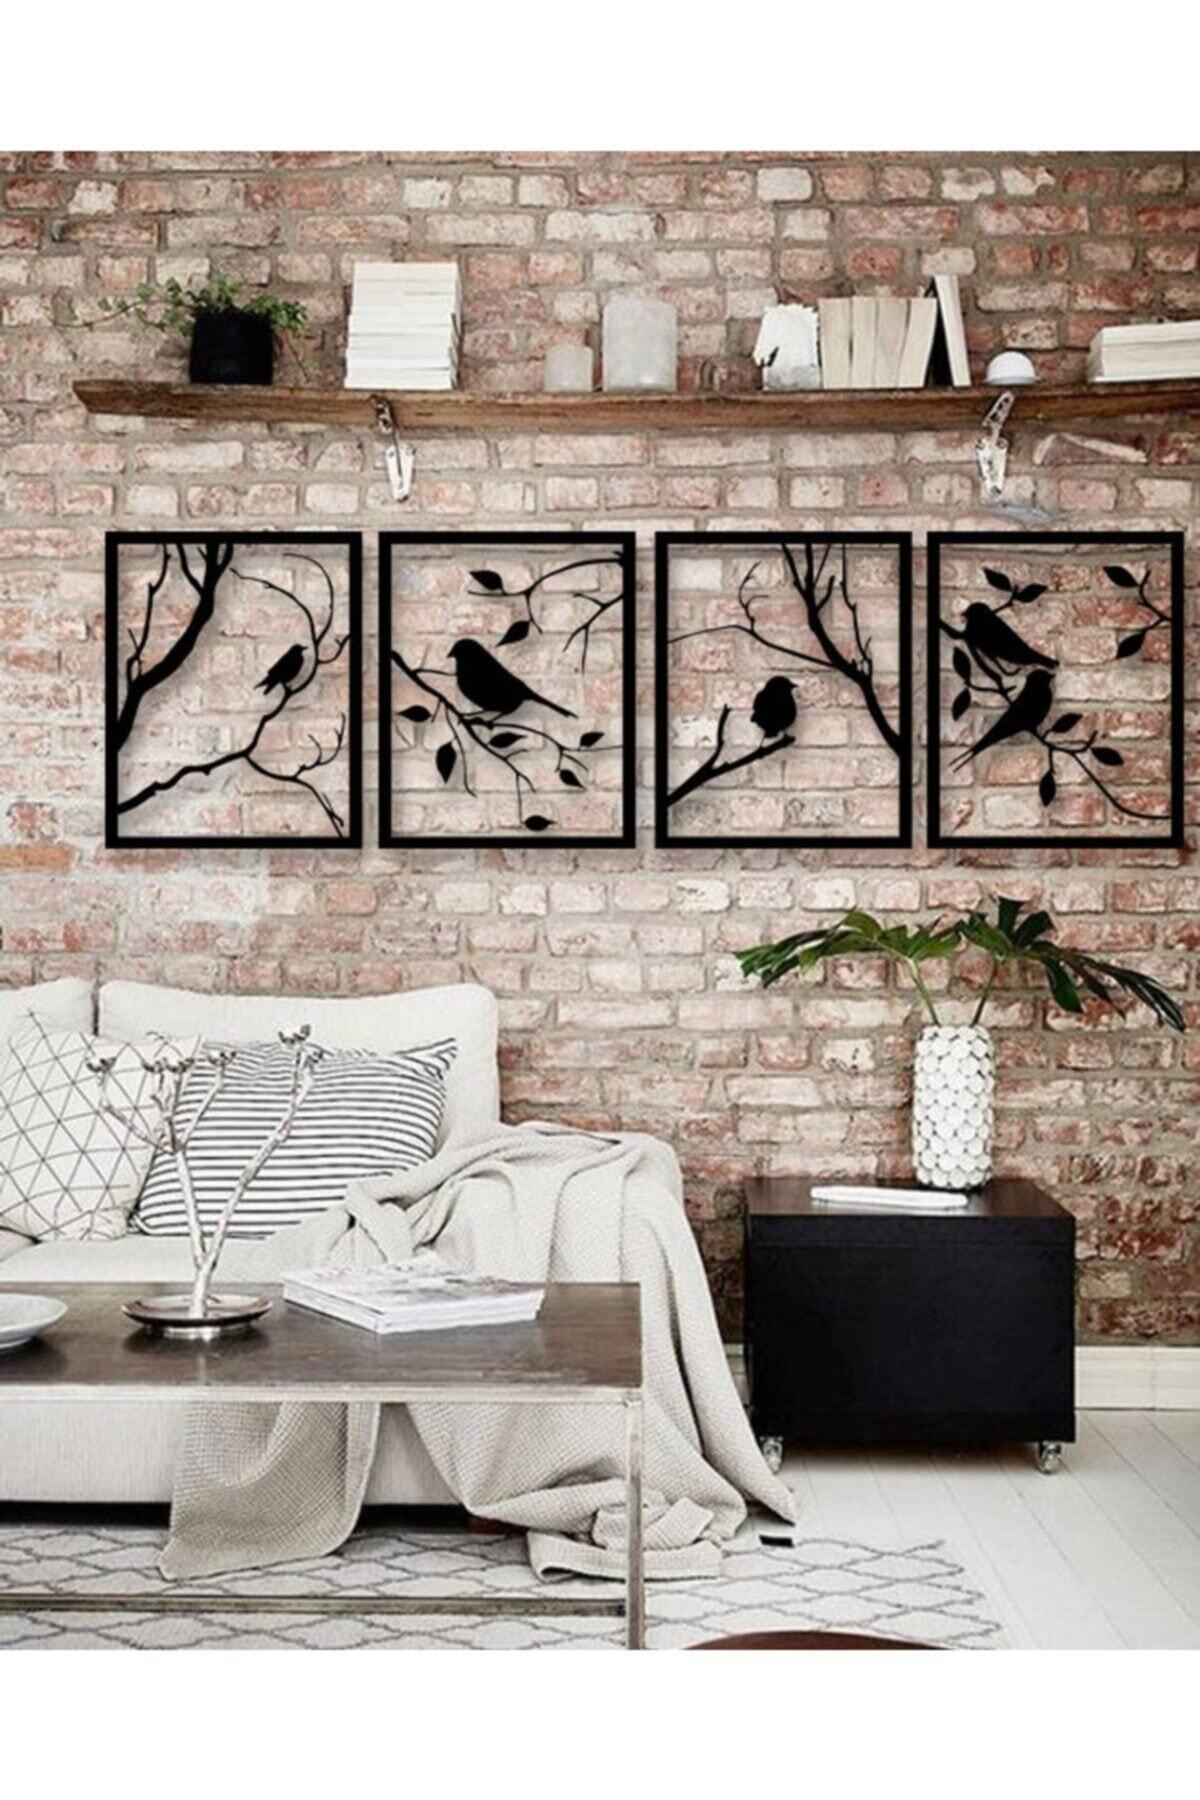 YamanLazer Kuş Ve Ağaç Tasarımlı Ahşap Tablo 4'lü 1